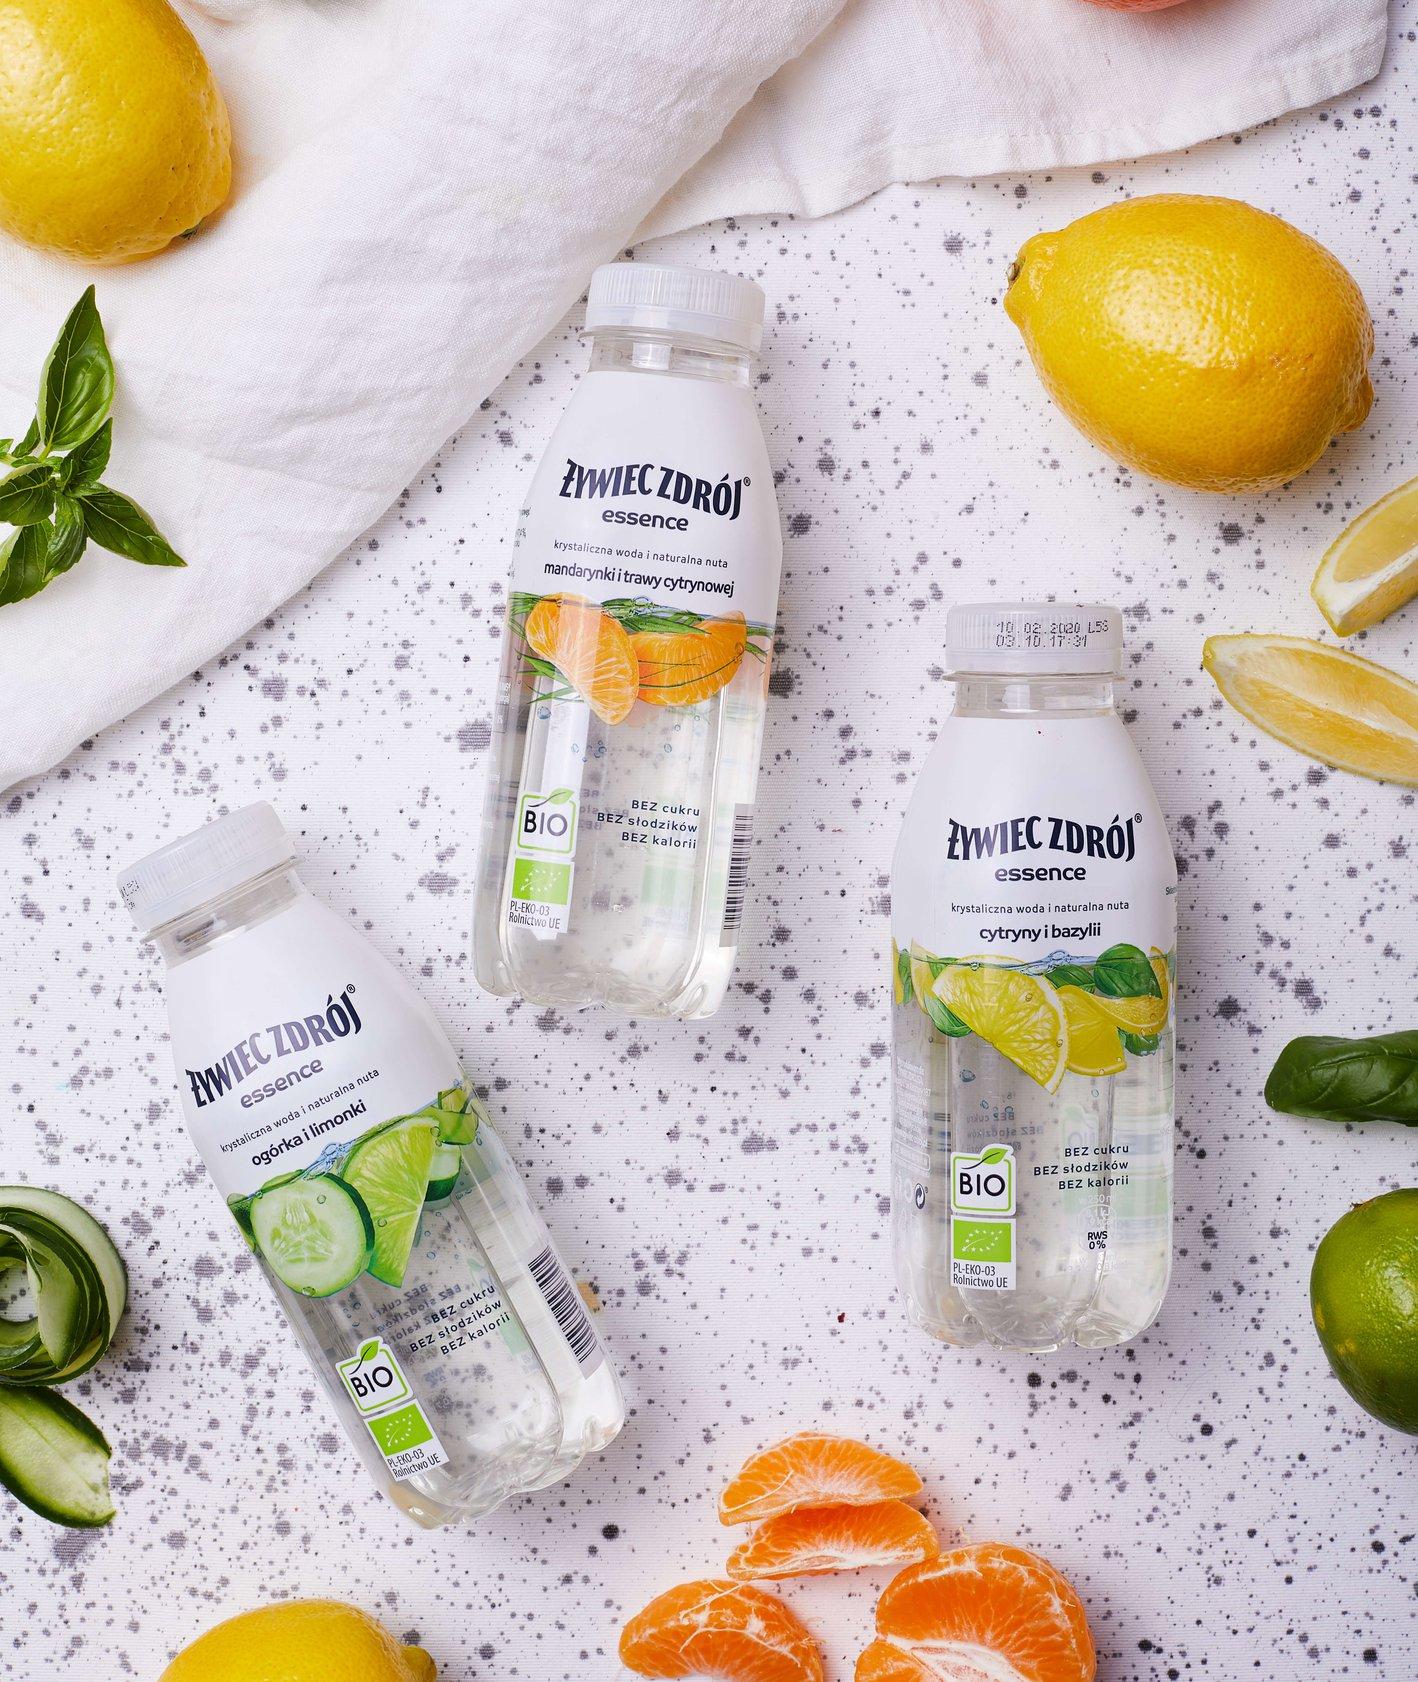 Trzy butelki wody smakowej Essence Żywiec Zdrój – mandarynka z trawą cytrynową, ogórek z limonką i cytryna z bazylią (fot. Maciek Niemojewski)